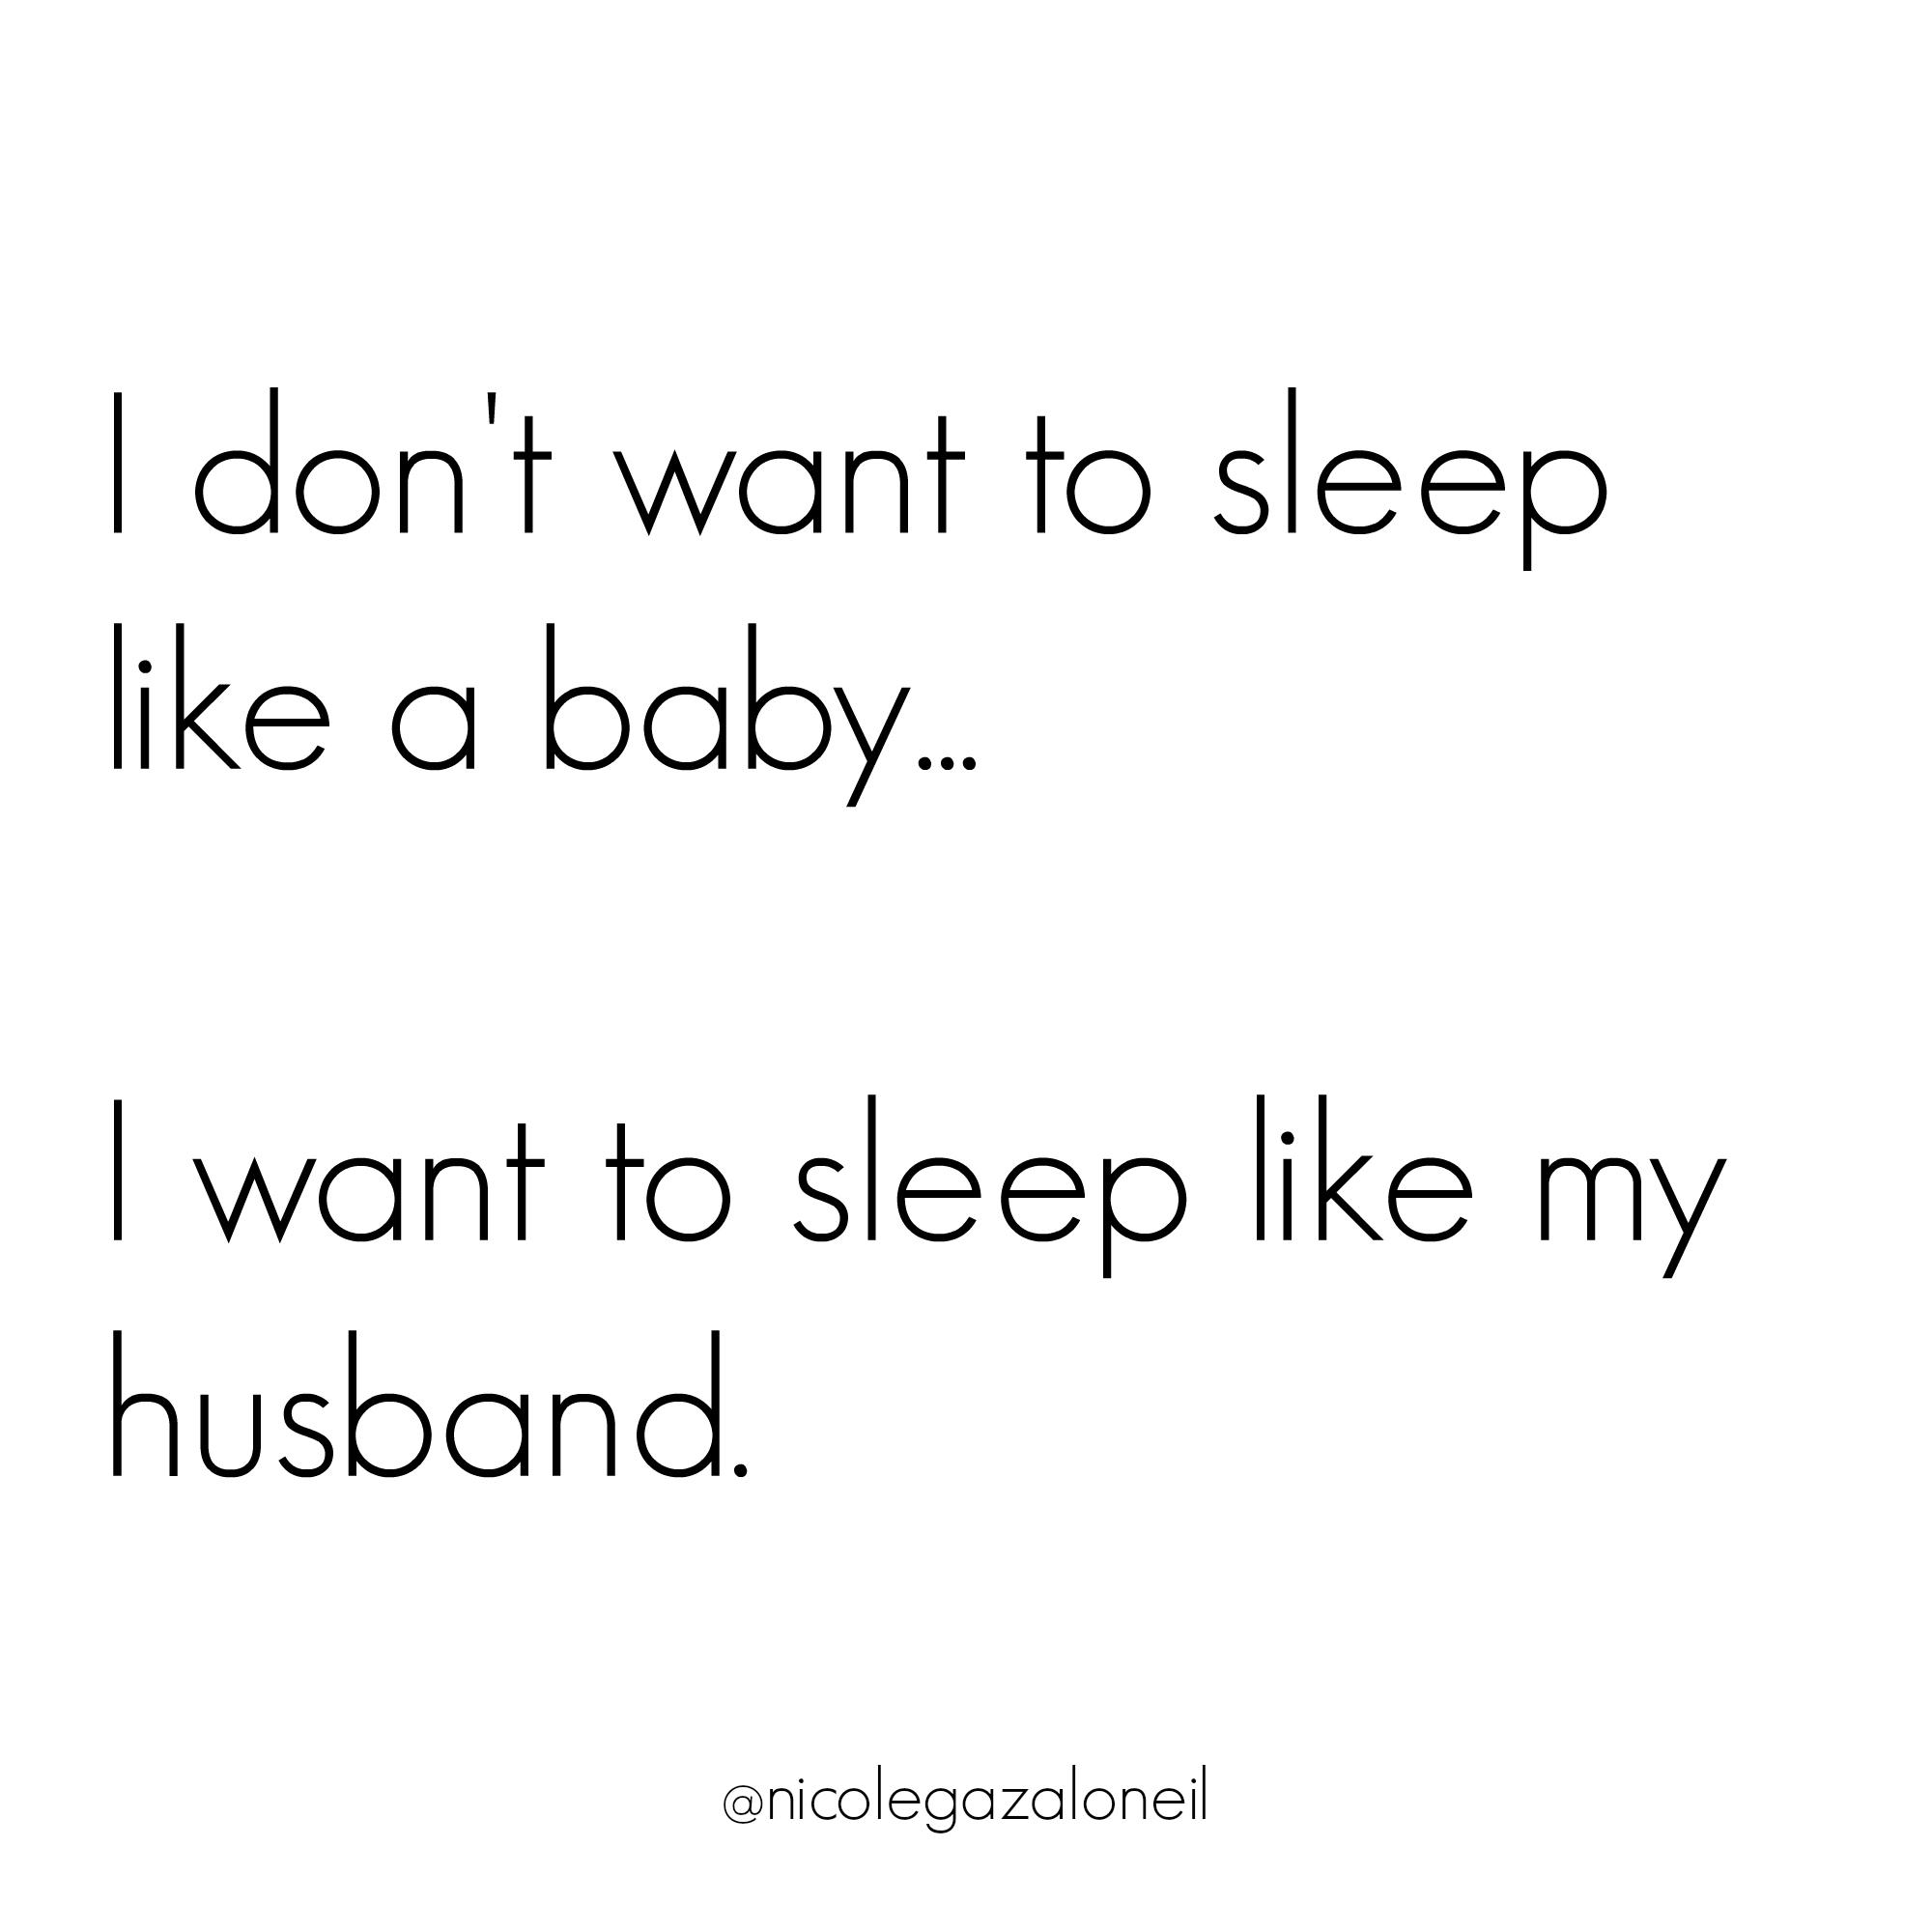 I don't want to sleep like a baby I want to sleep like my husband.jpg